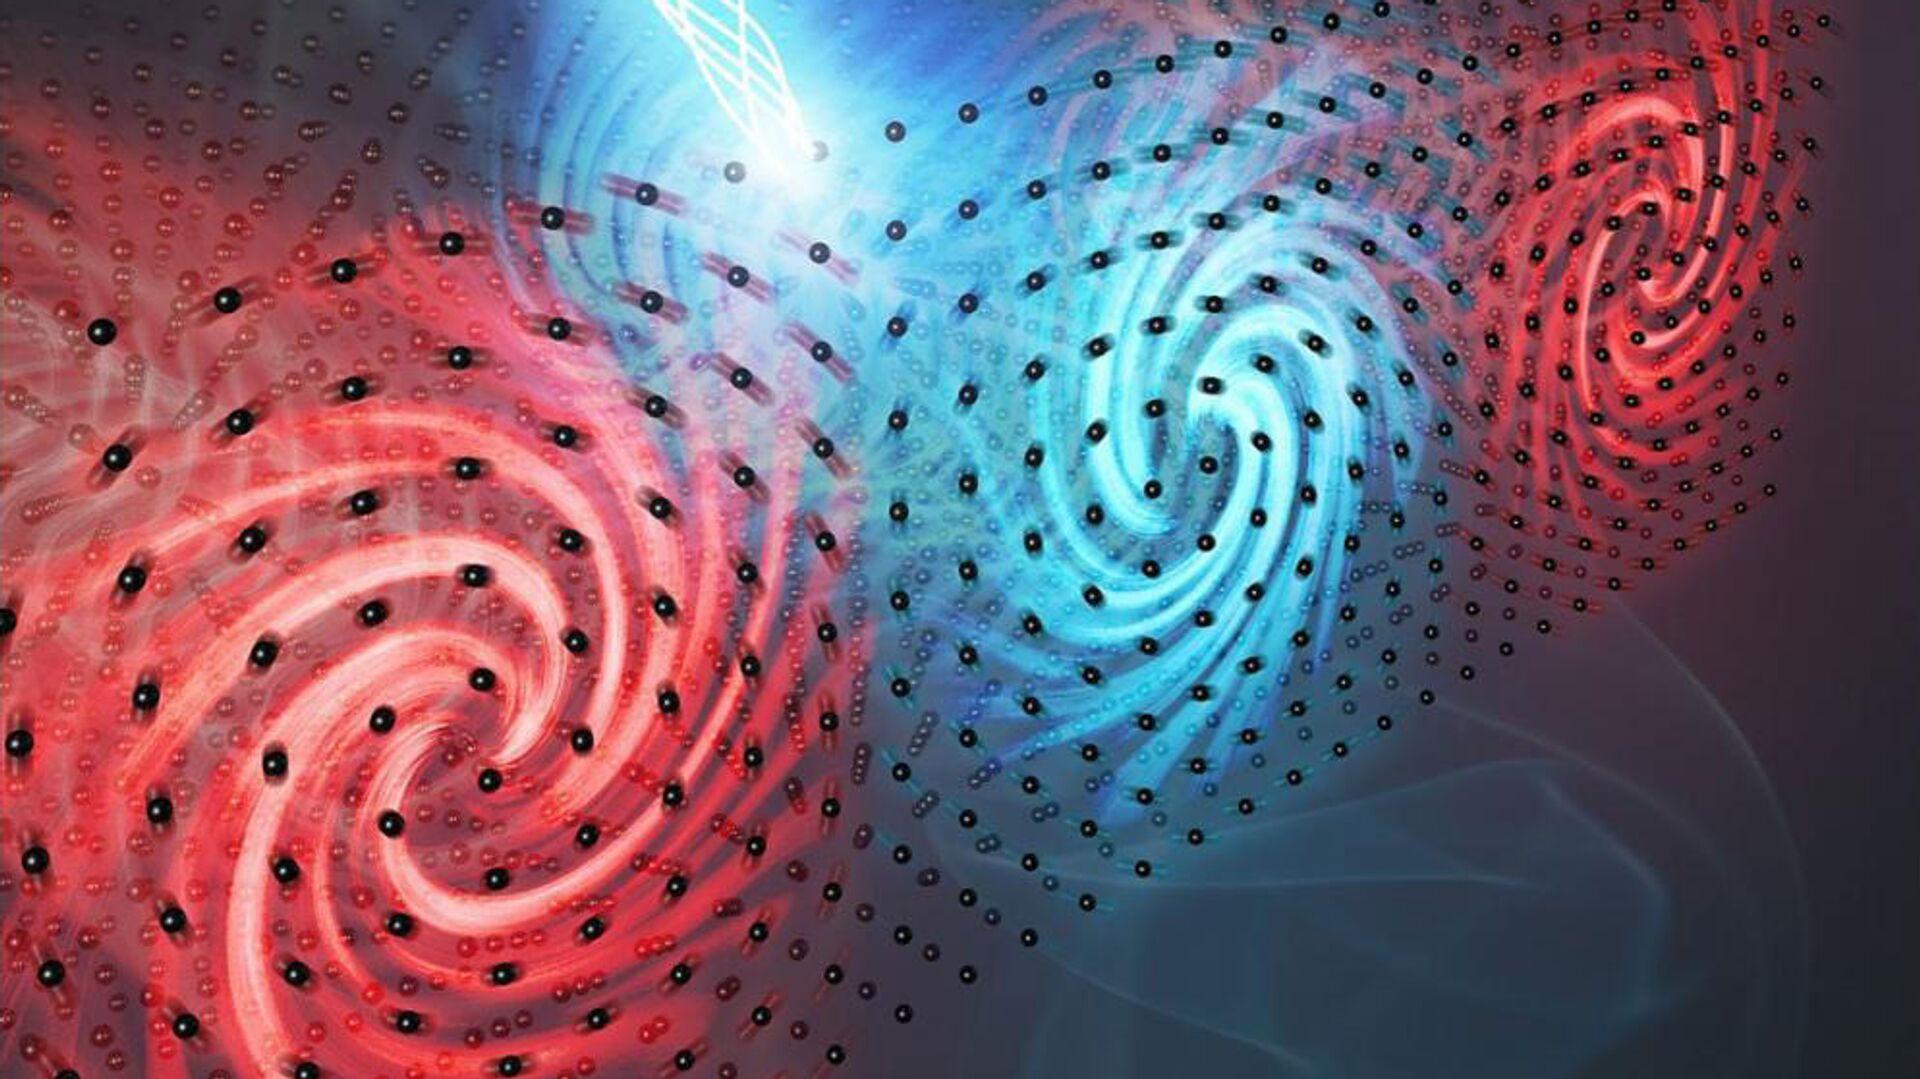 Ученые использовали новое состояние материи для хранения данных